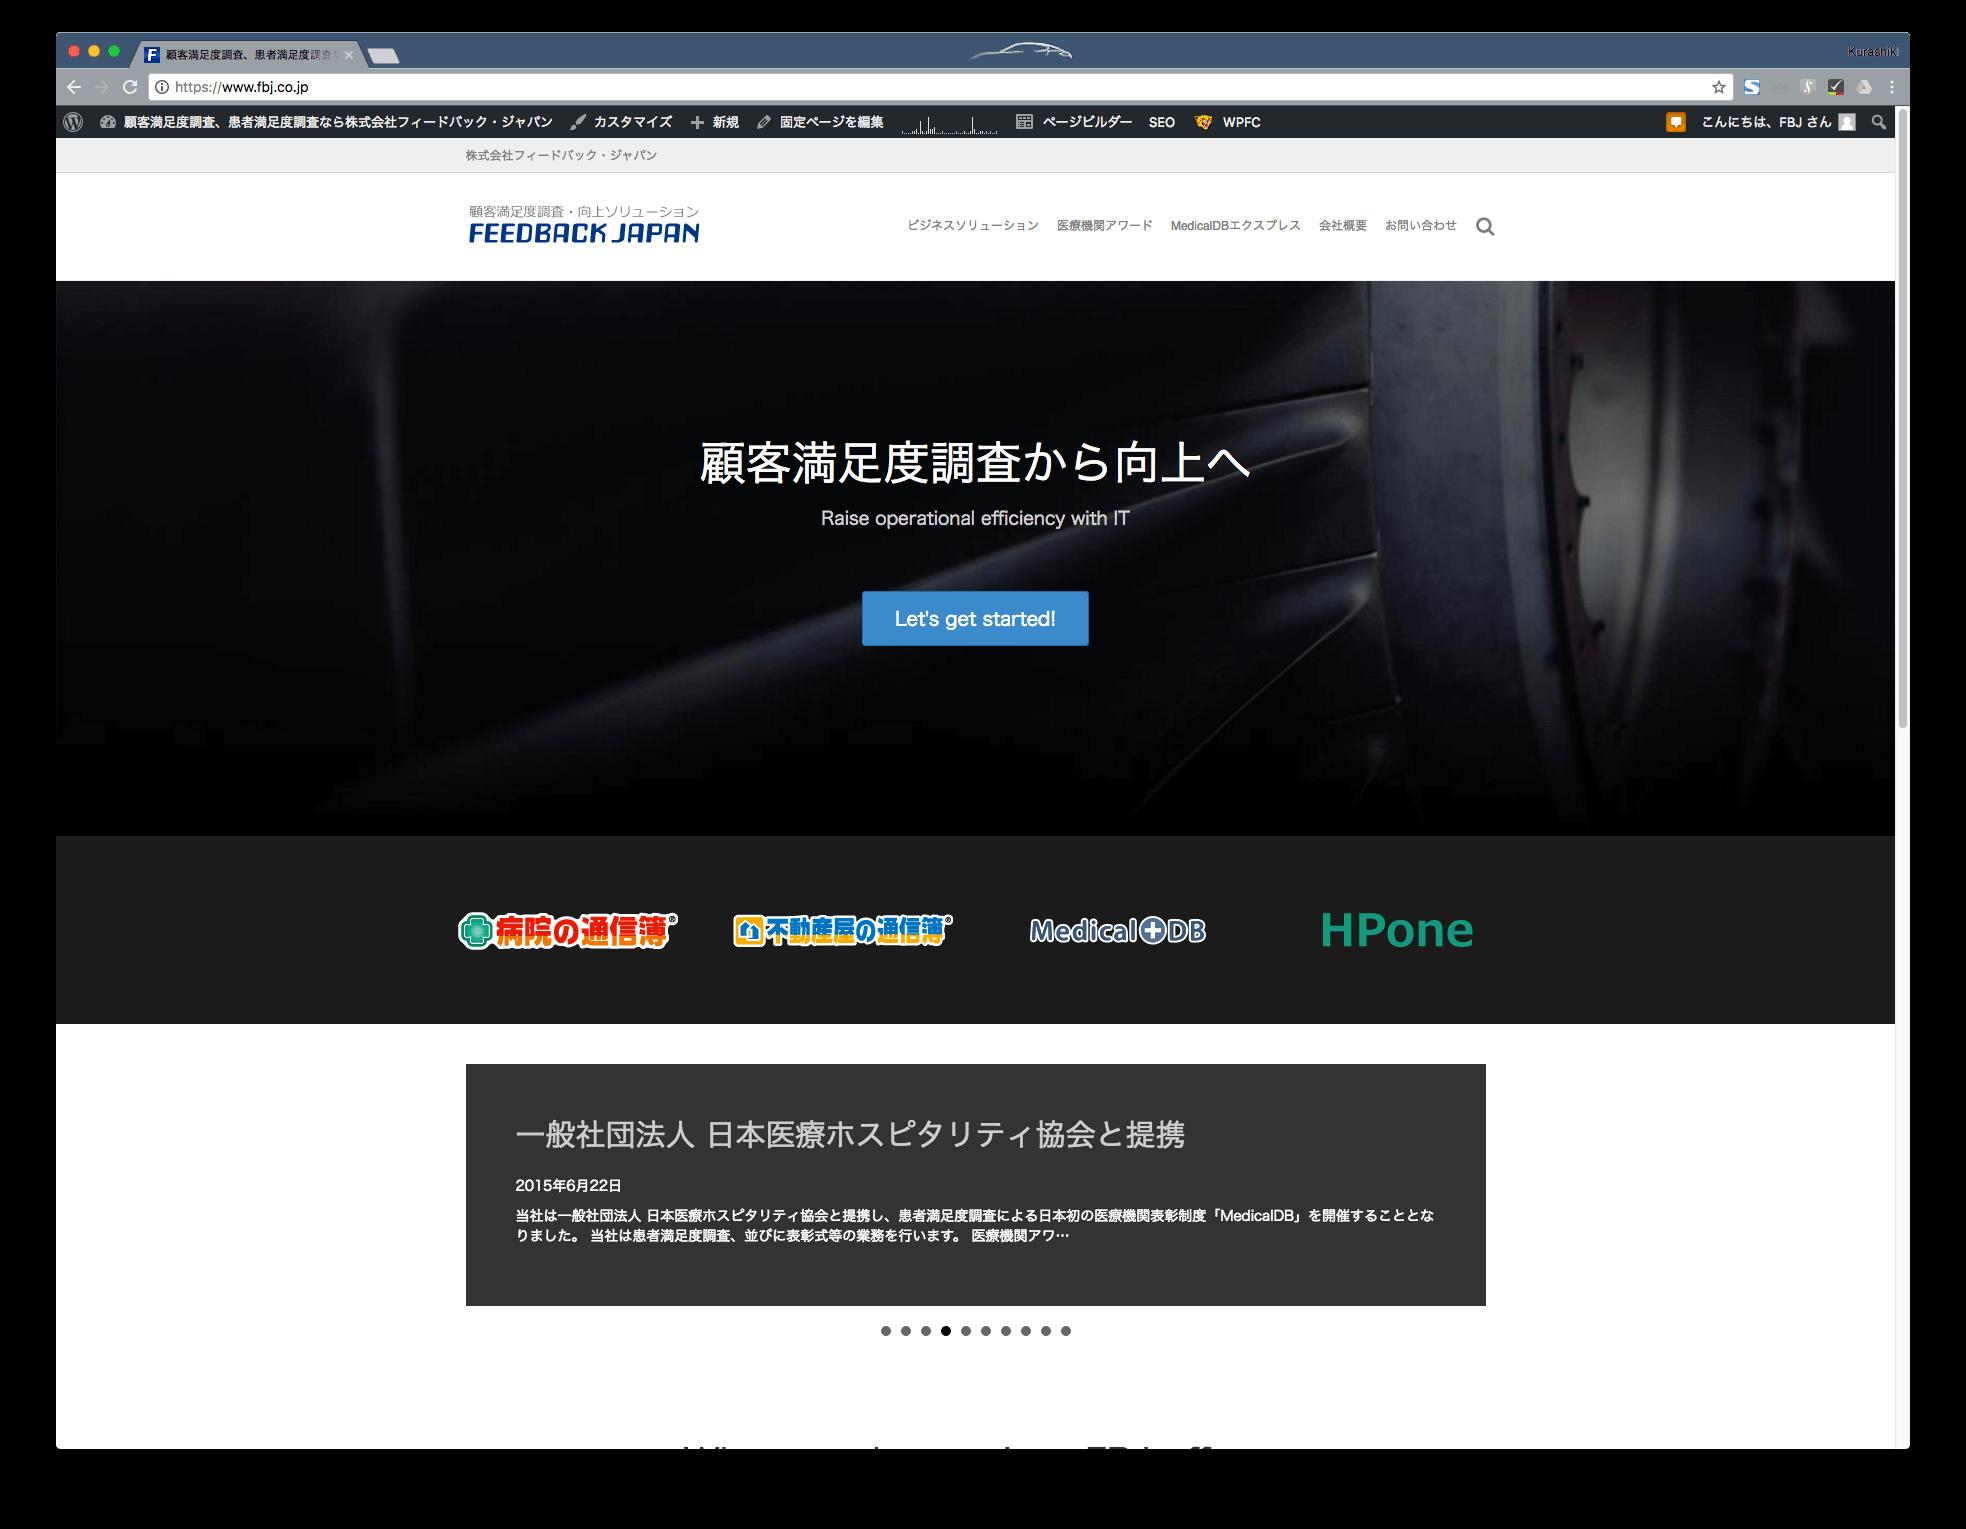 スクリーンショット 2017-03-15 0.04.43